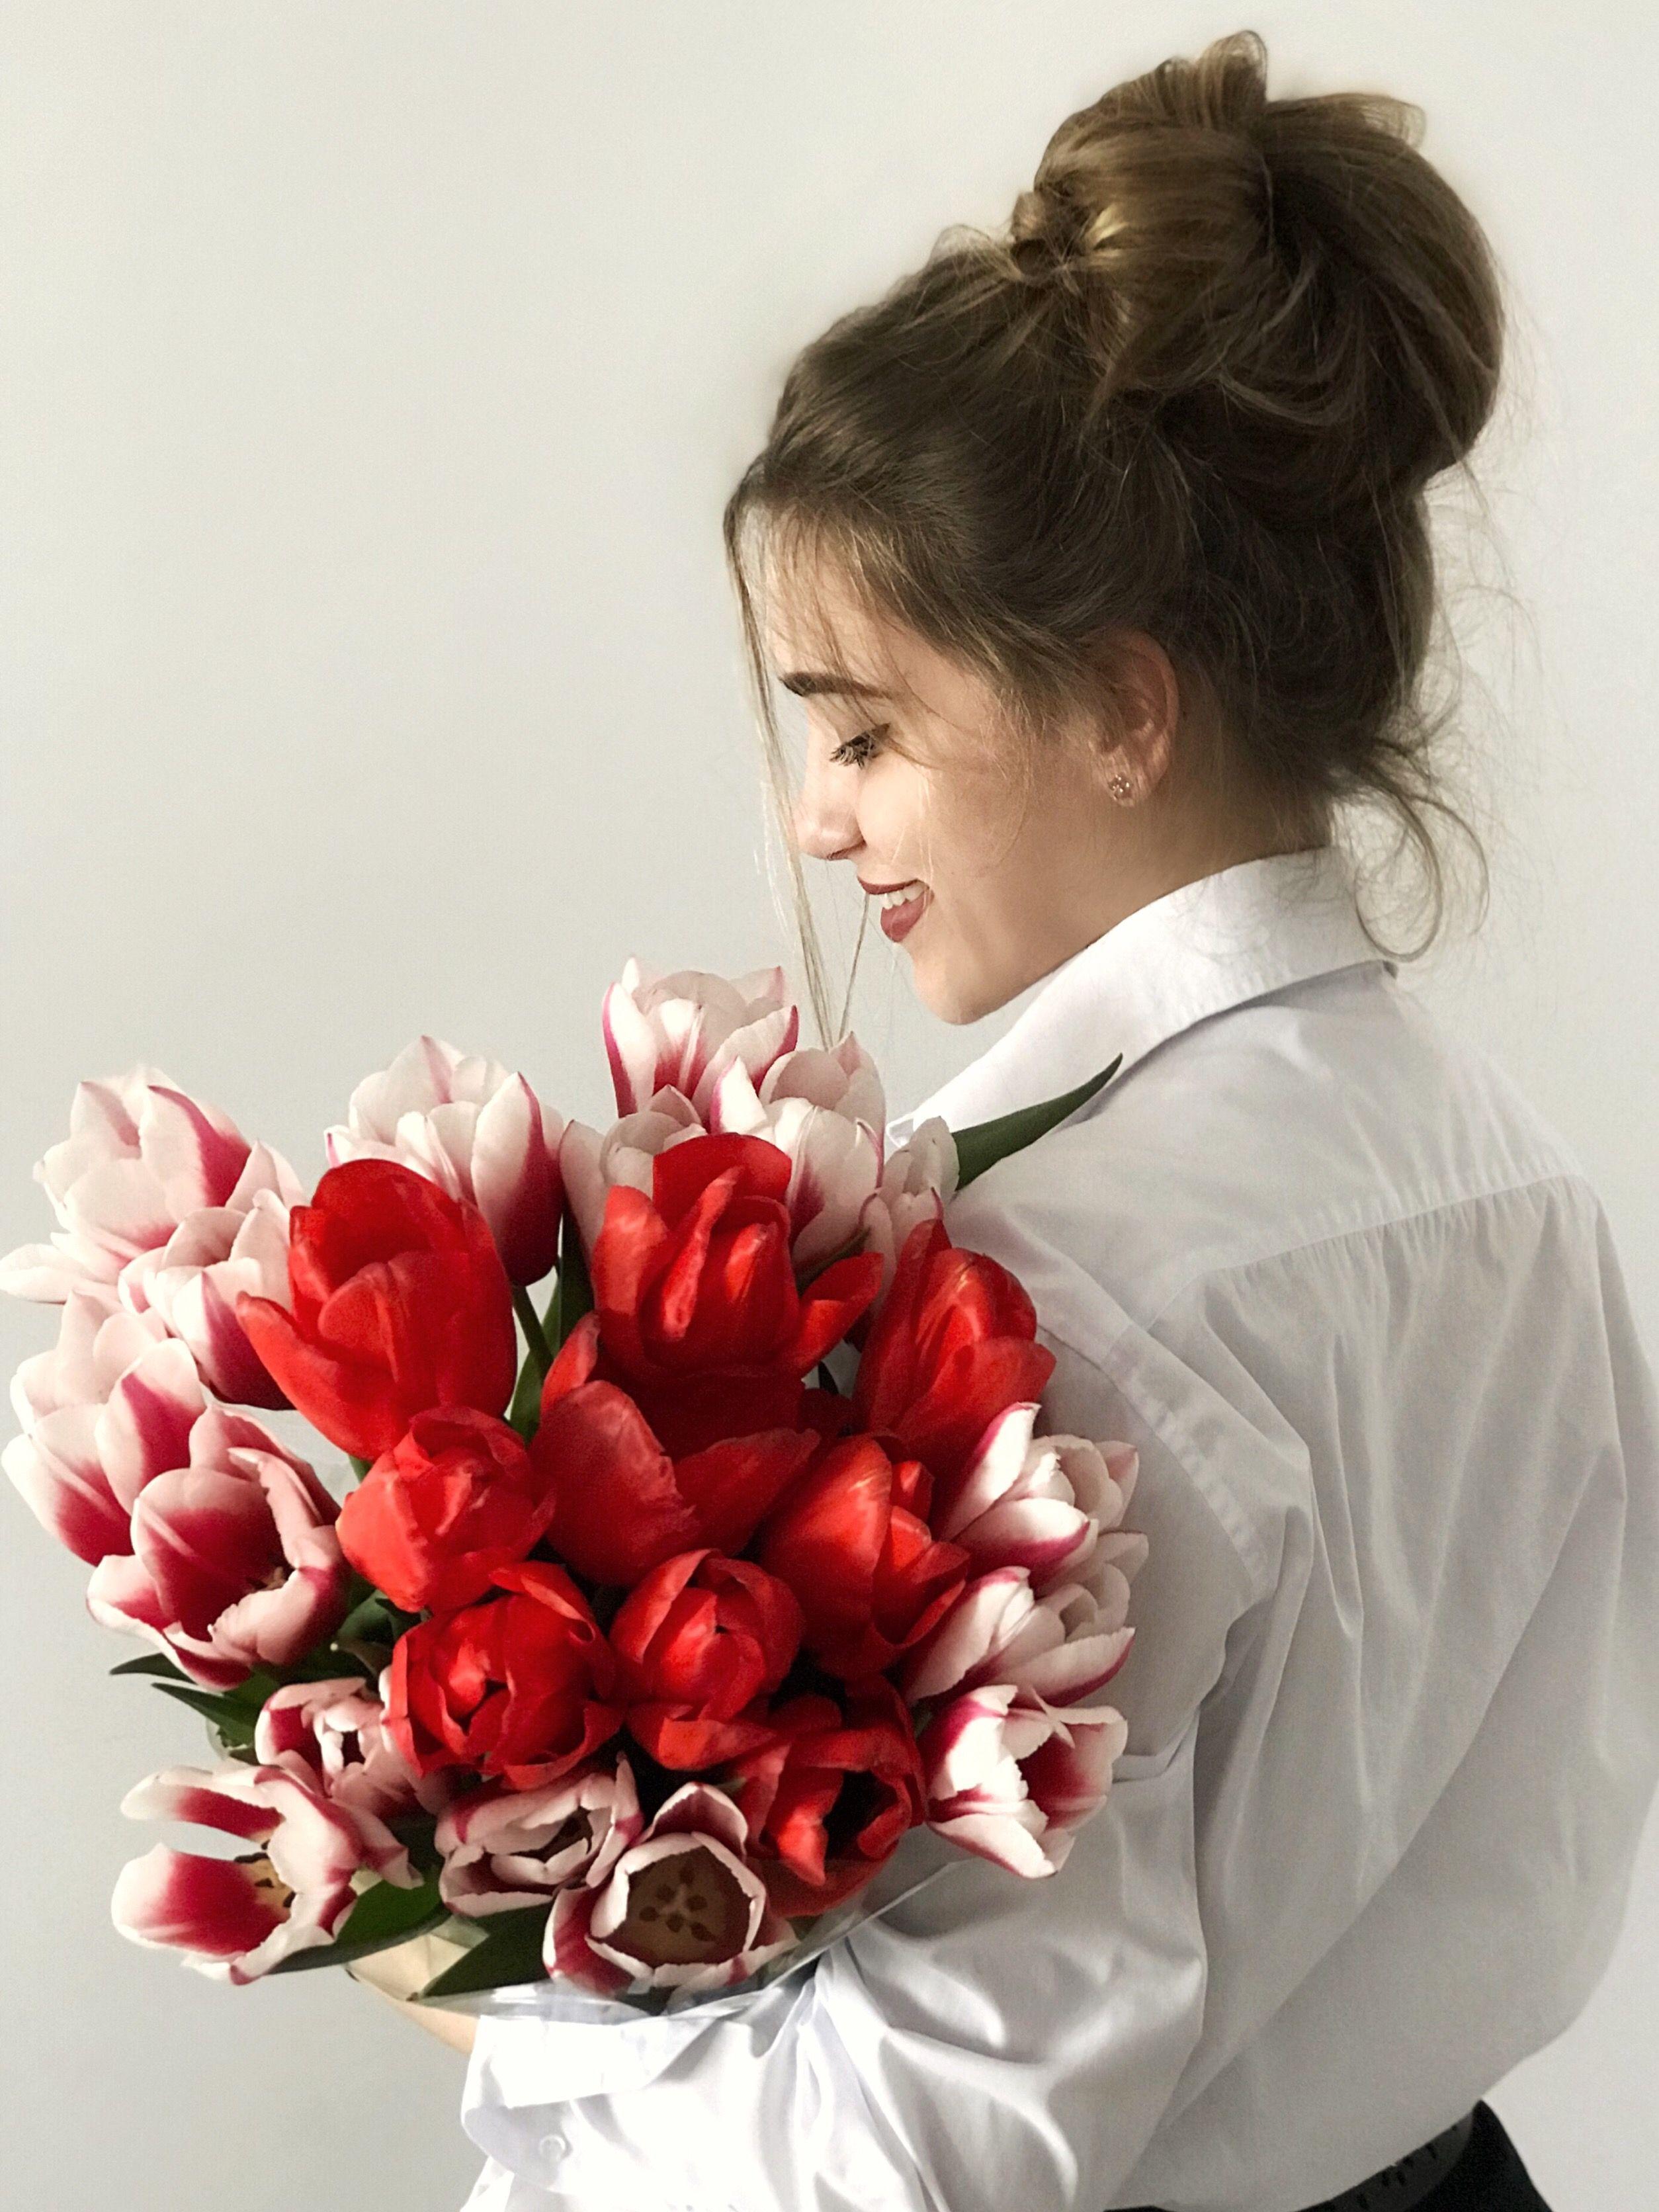 Анимации девушек с цветами